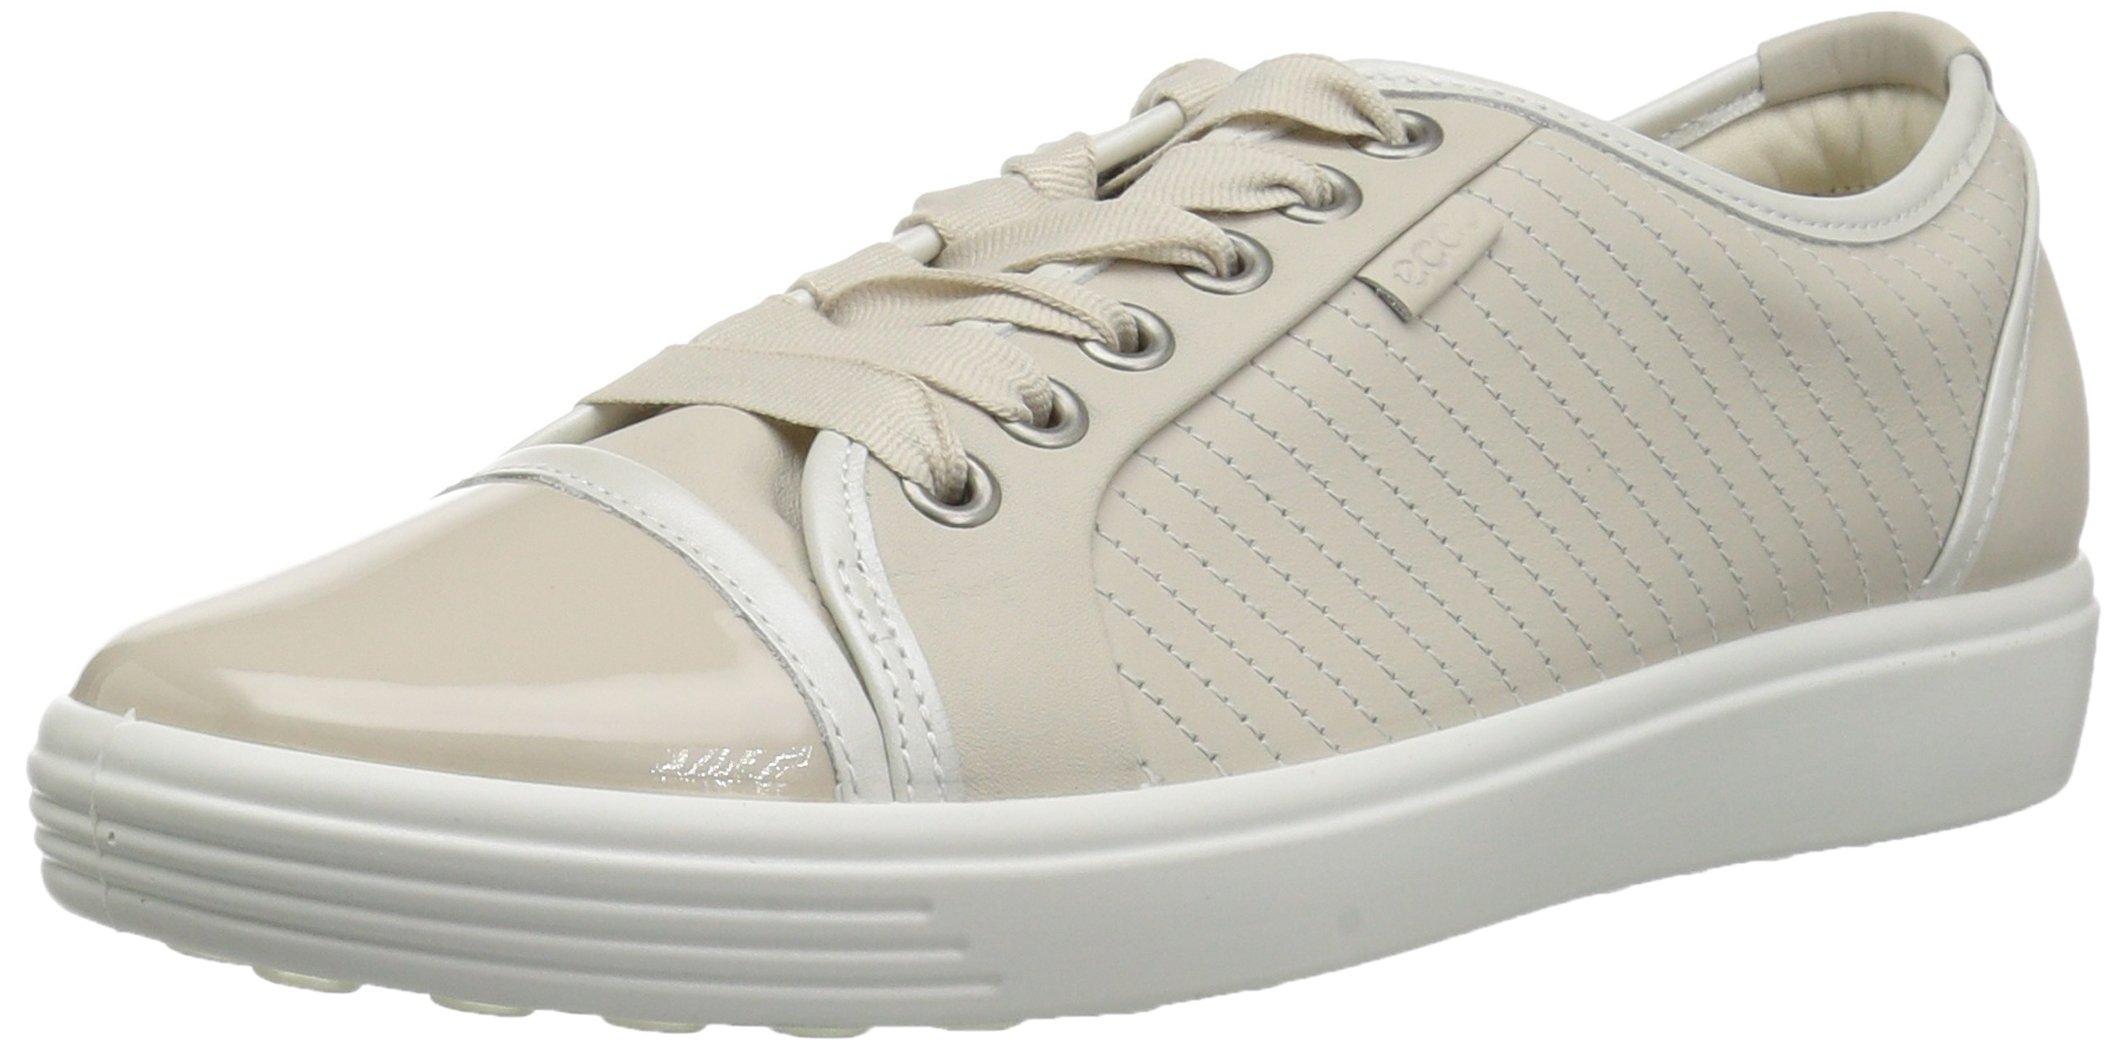 ECCO Soft 7 Tie 女士时尚运动鞋